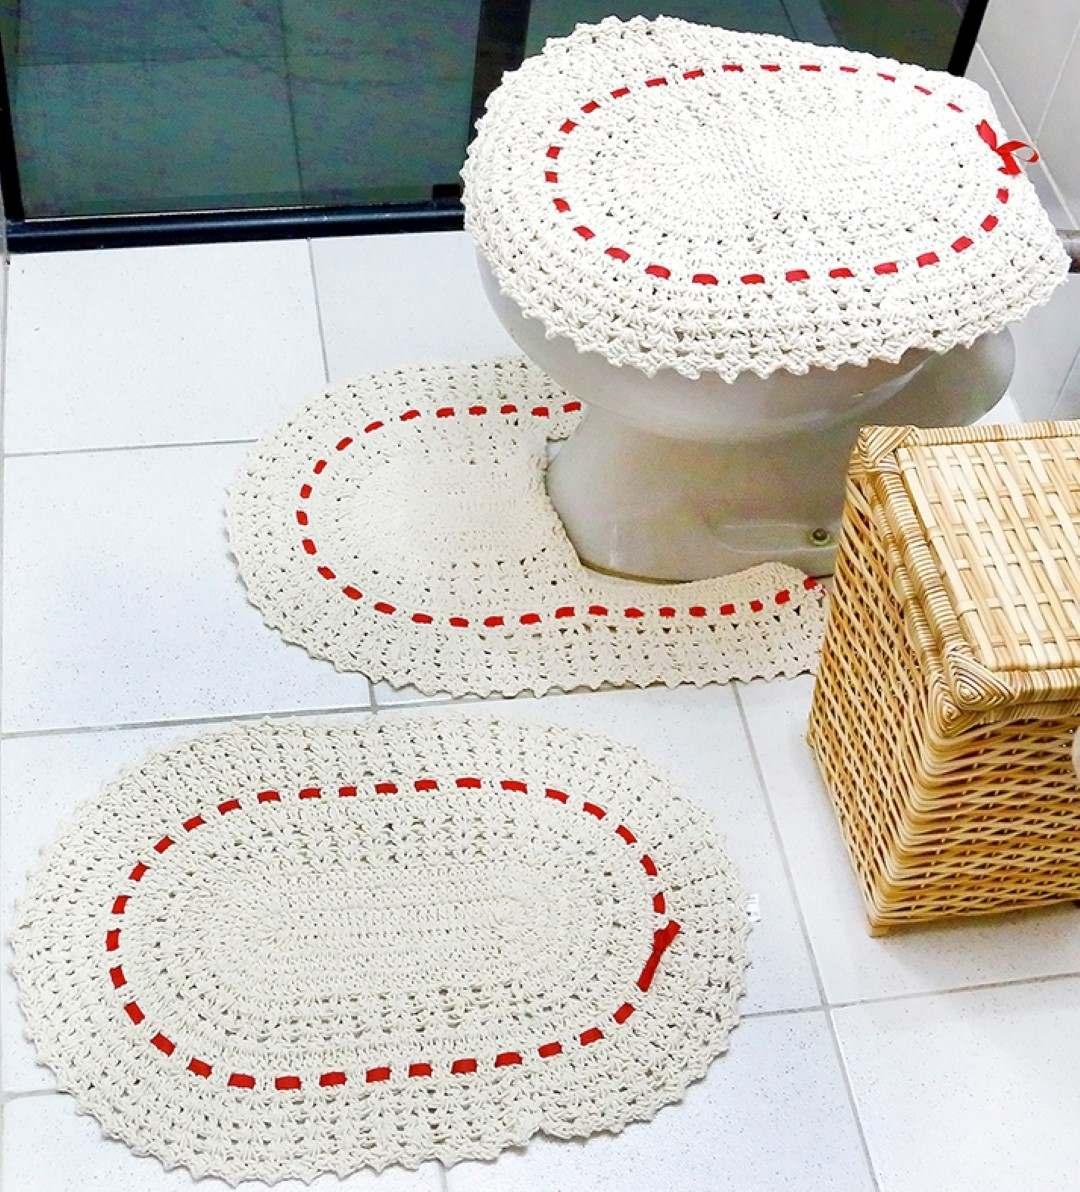 Tapete Para Sala Crochê + Jogo De Banheiro Crochê  R$ 146,80 em Mercado Livre -> Tapete Para Banheiro Croche Simples